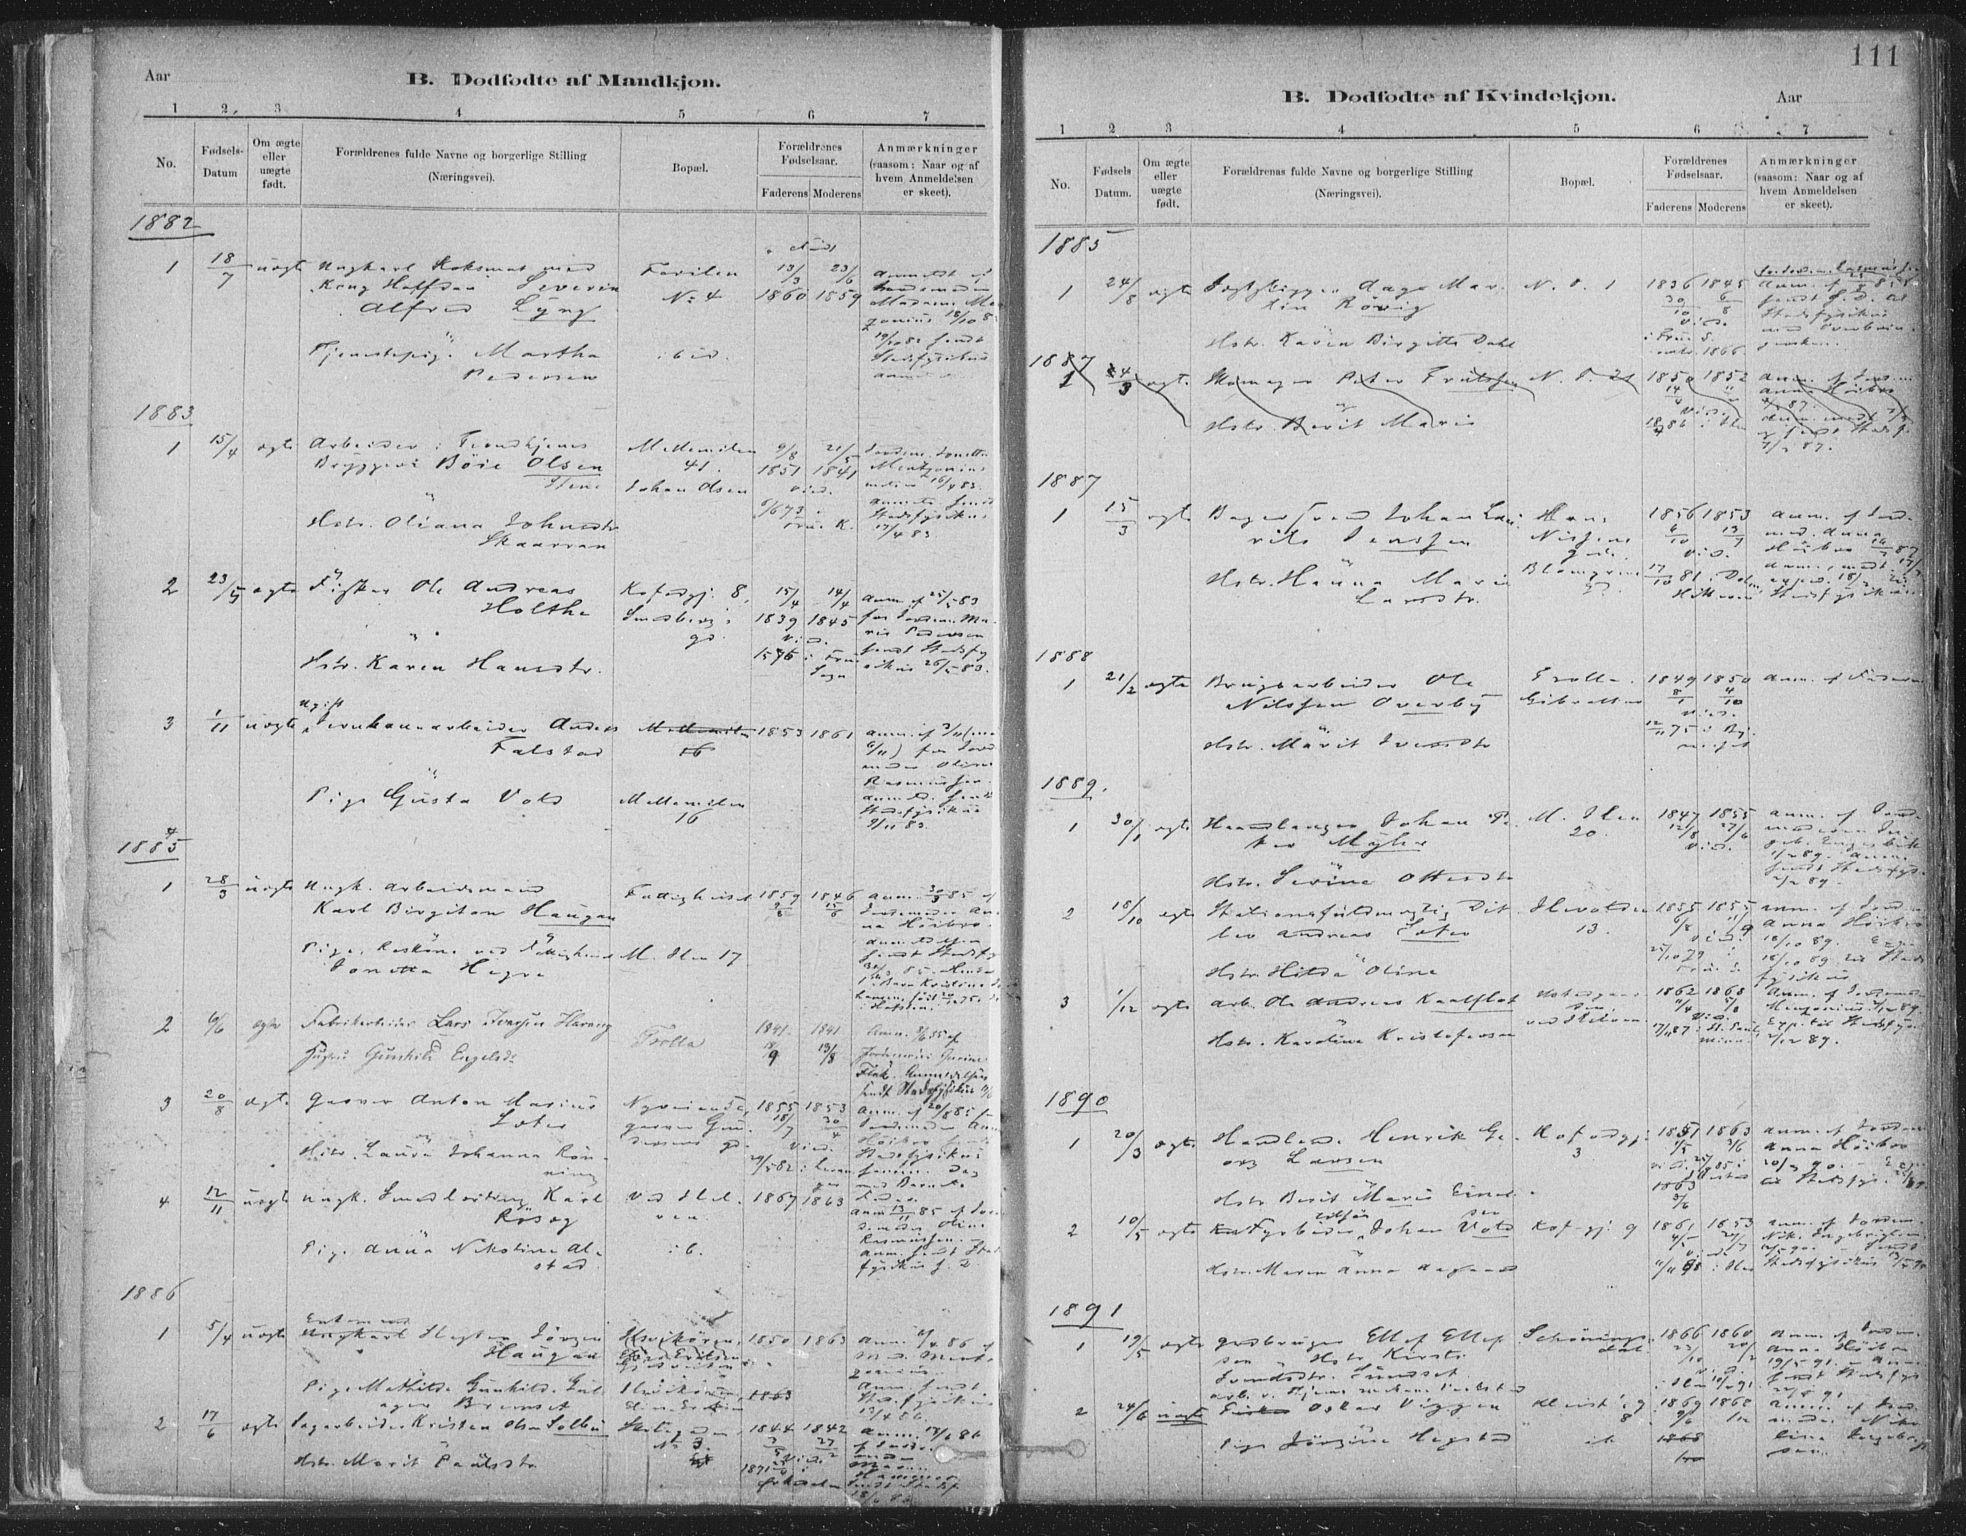 SAT, Ministerialprotokoller, klokkerbøker og fødselsregistre - Sør-Trøndelag, 603/L0162: Ministerialbok nr. 603A01, 1879-1895, s. 111